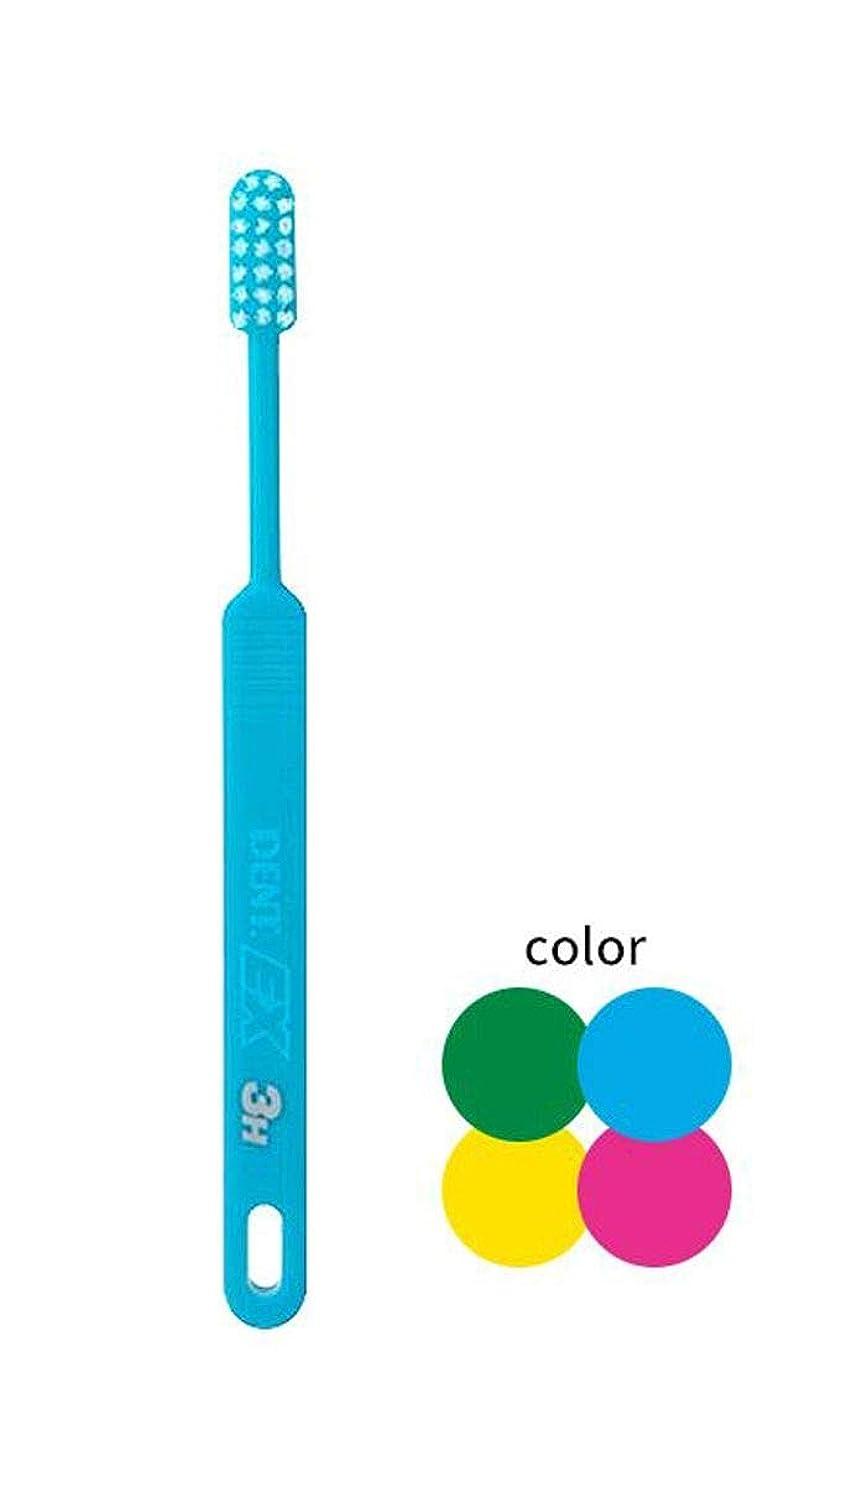 暗唱する倍率エキゾチックライオン DENT. EX レギュラー歯ブラシ 3M(1本) 歯科専売